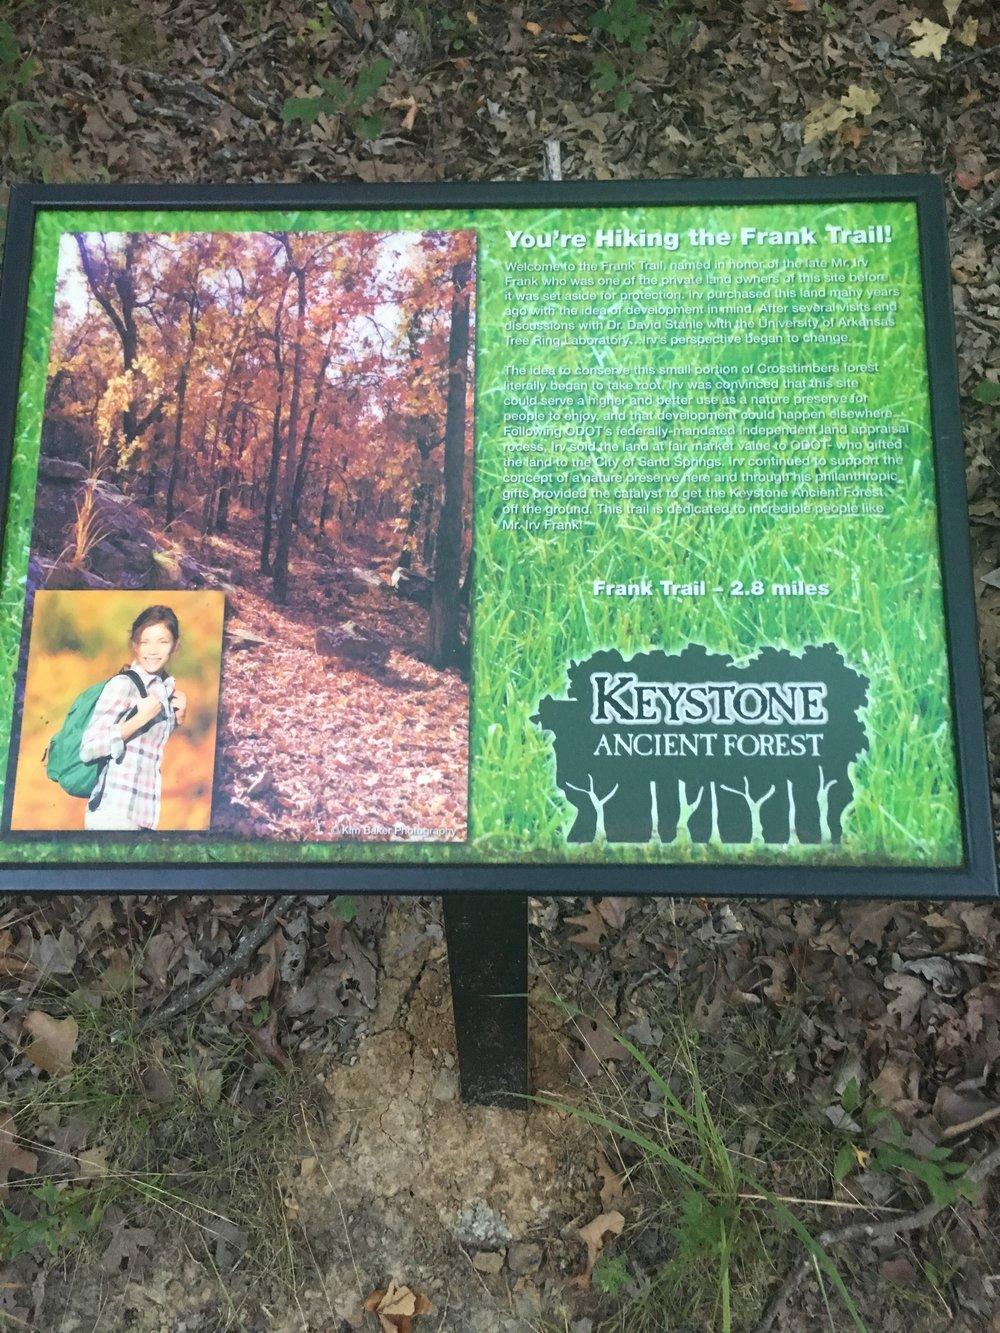 Keystone Ancient Forest 170729 (Scott Emigh) 013.jpg